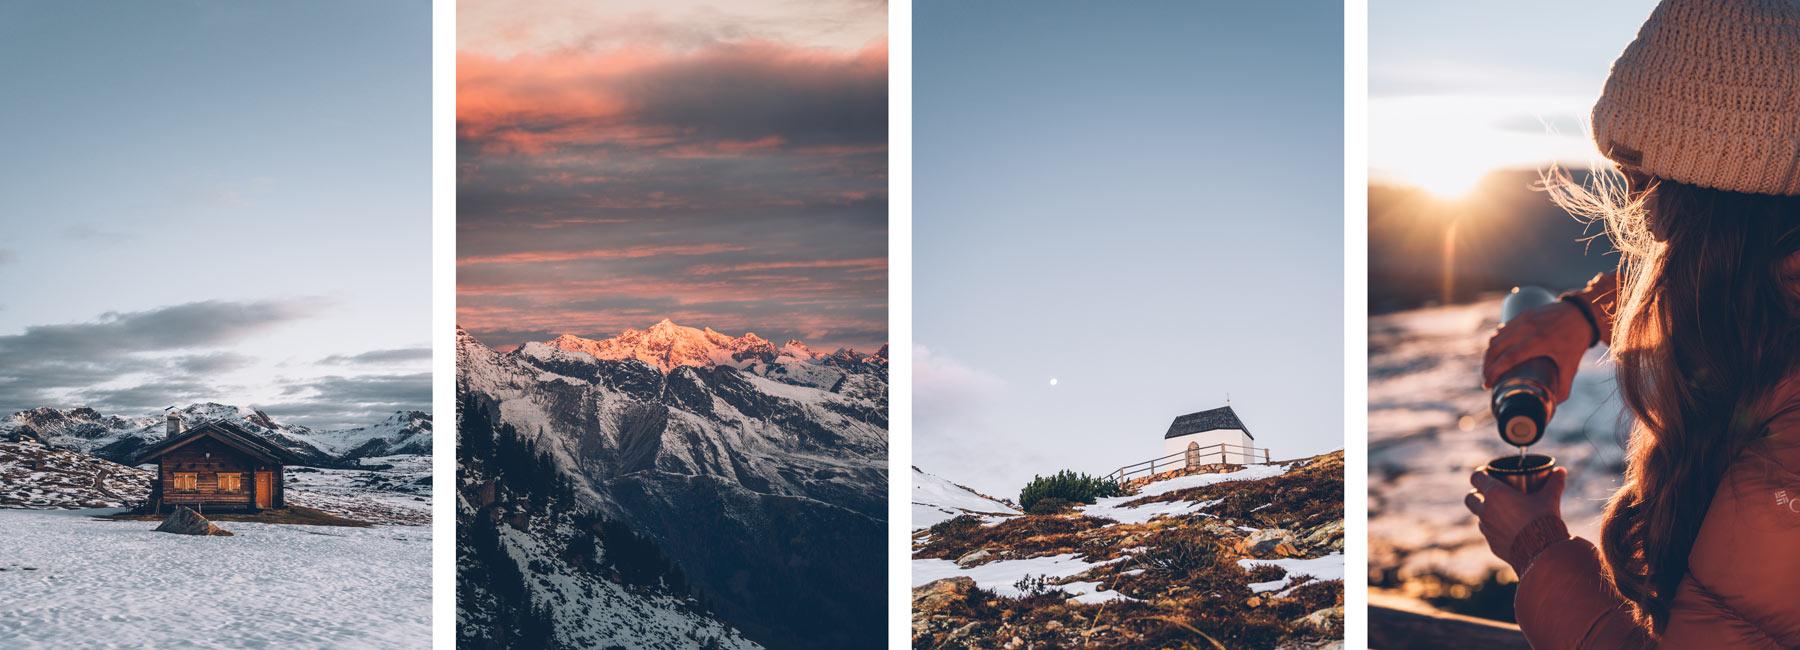 Randonnée à l'alpage Villanderer Alm